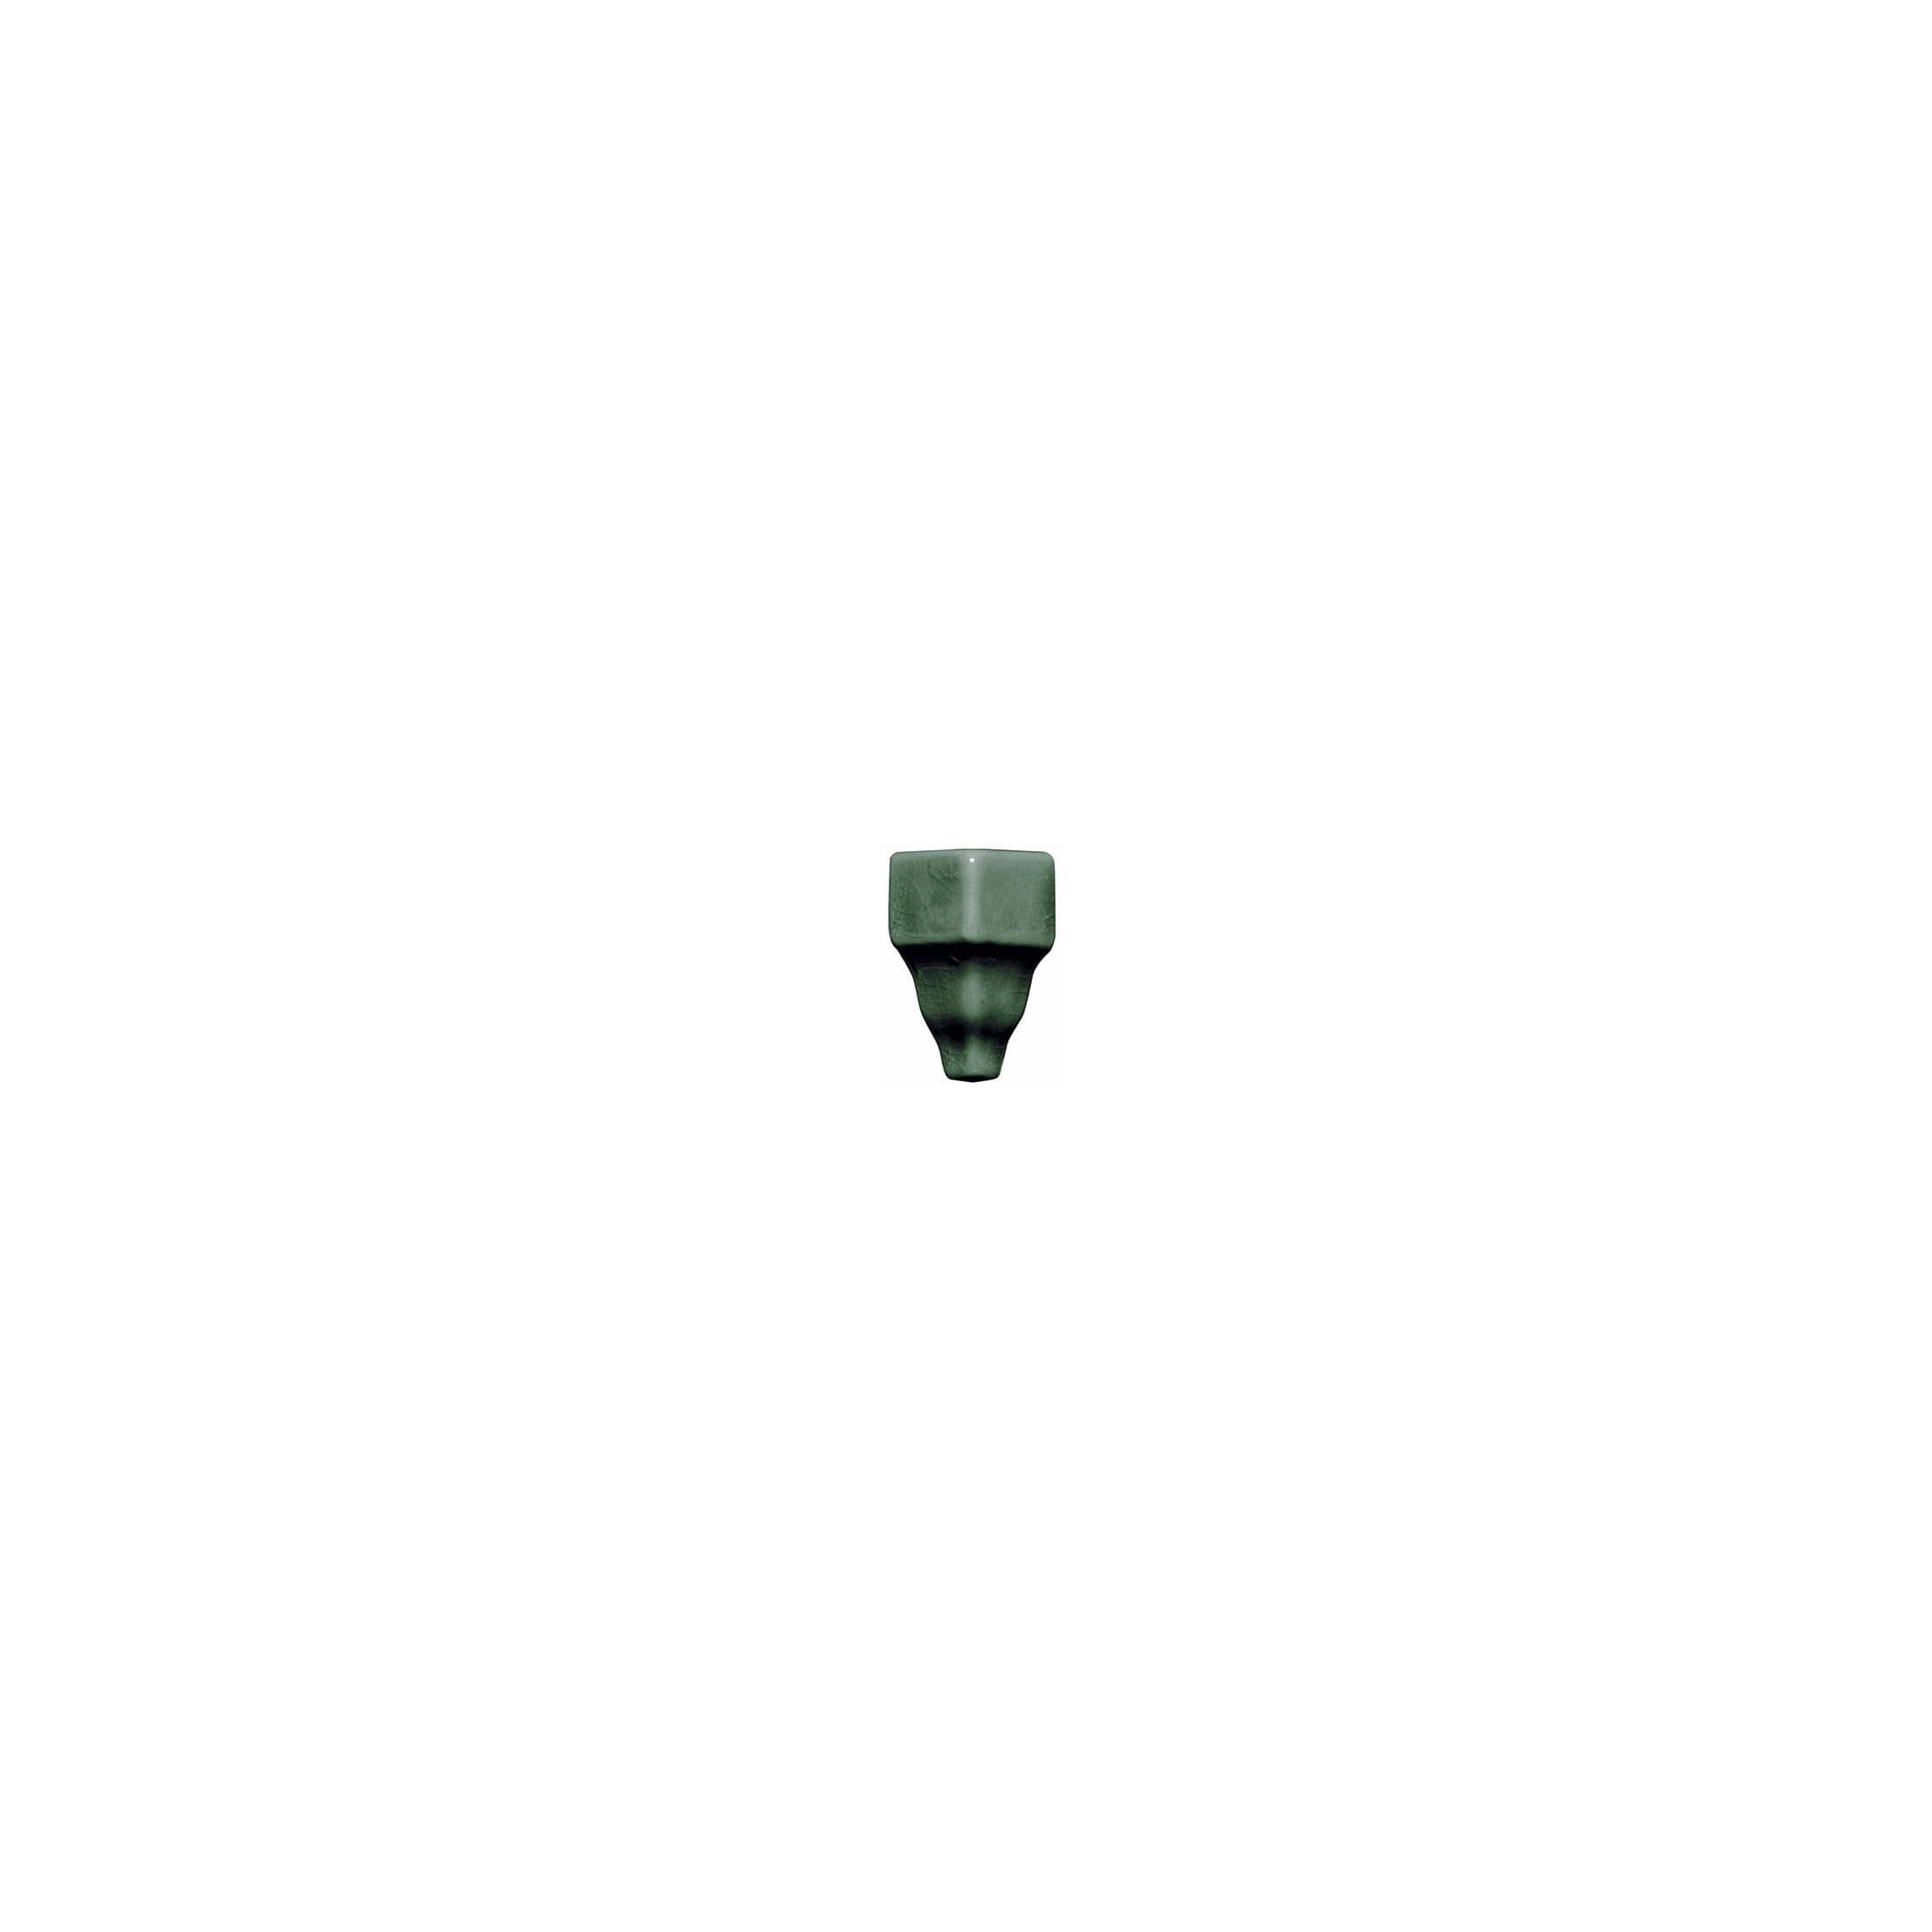 ADMO5417 - ANGULO EXTERIOR CORNISA CLASICA C/C - 3.5 cm X 15 cm